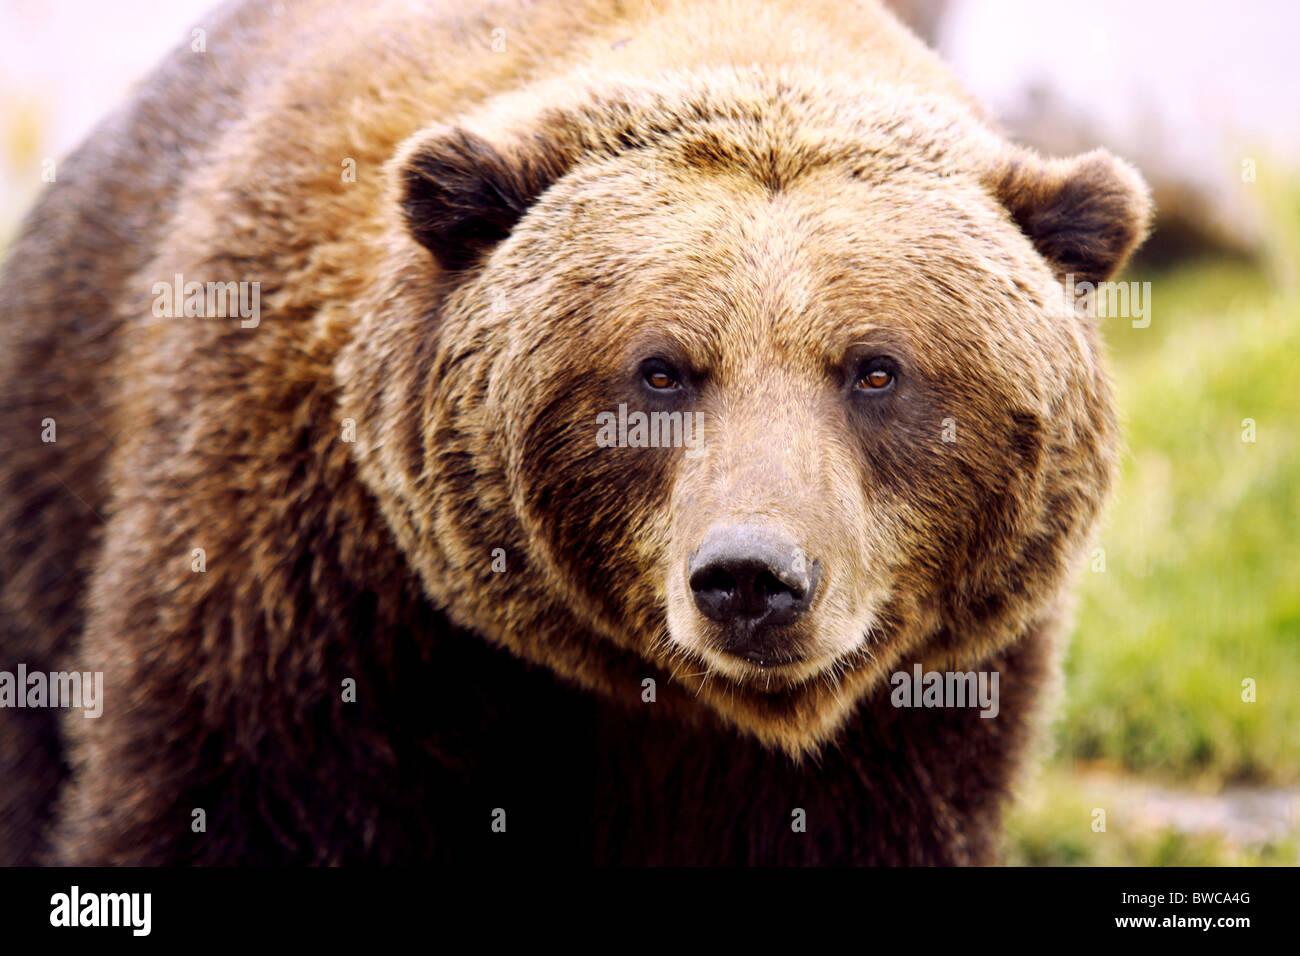 Brown Bear looking at the camera - Stock Image